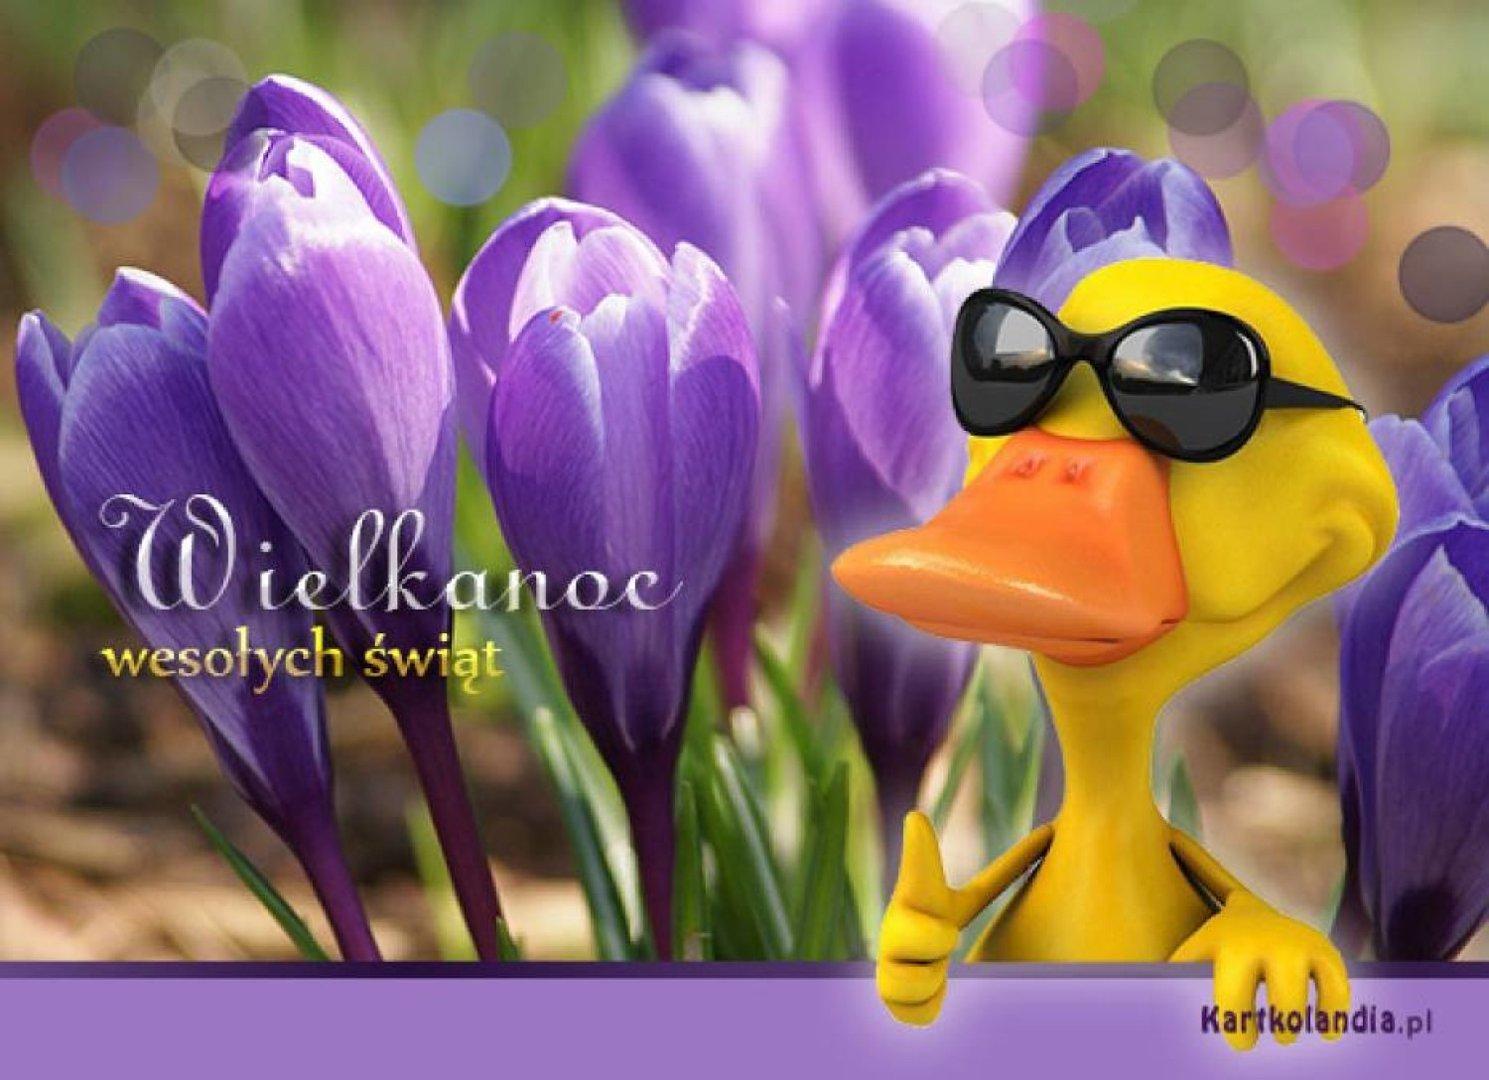 Wspaniały Kartki Wielkanocne. Życzenia na Wielkanoc [WIERSZYKI, SMS RT93